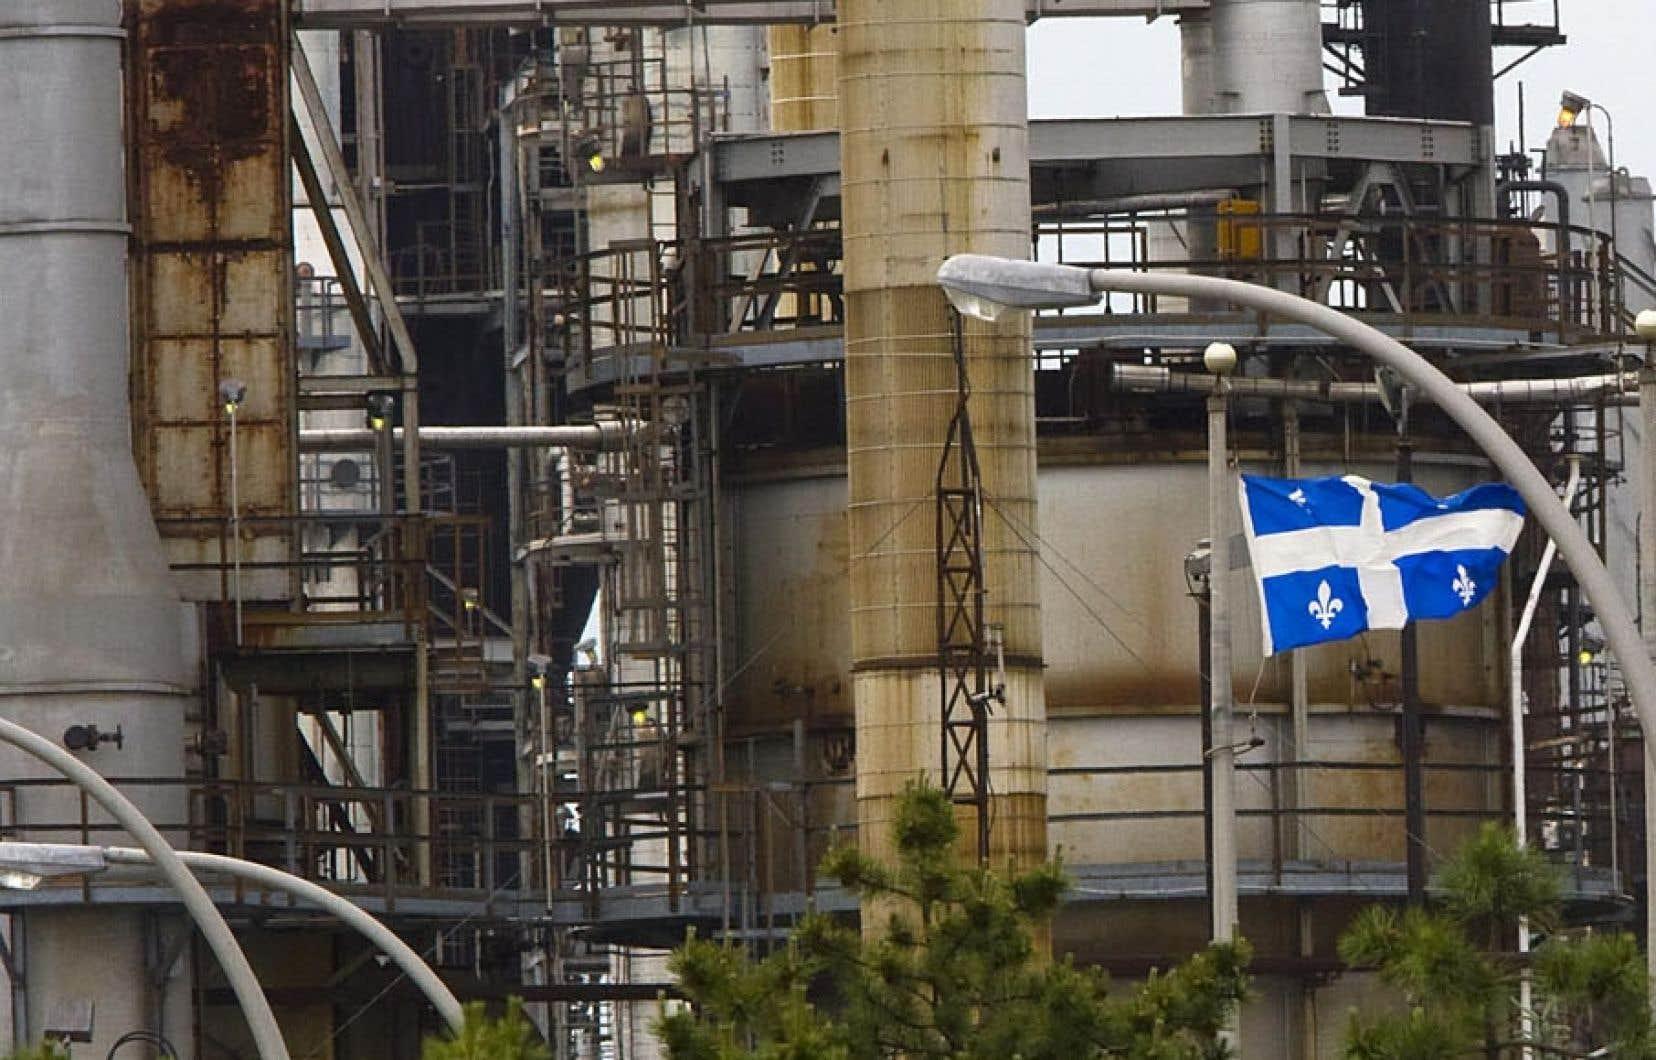 Suncor, qui exploite une raffinerie à Pointe-aux-Trembles, et Ultramar, qui en possède une à Lévis, ont affirmé cet hiver que le prix relativement abordable du pétrole canadien était une excellente raison de commencer à en acheminer par voie ferroviaire.